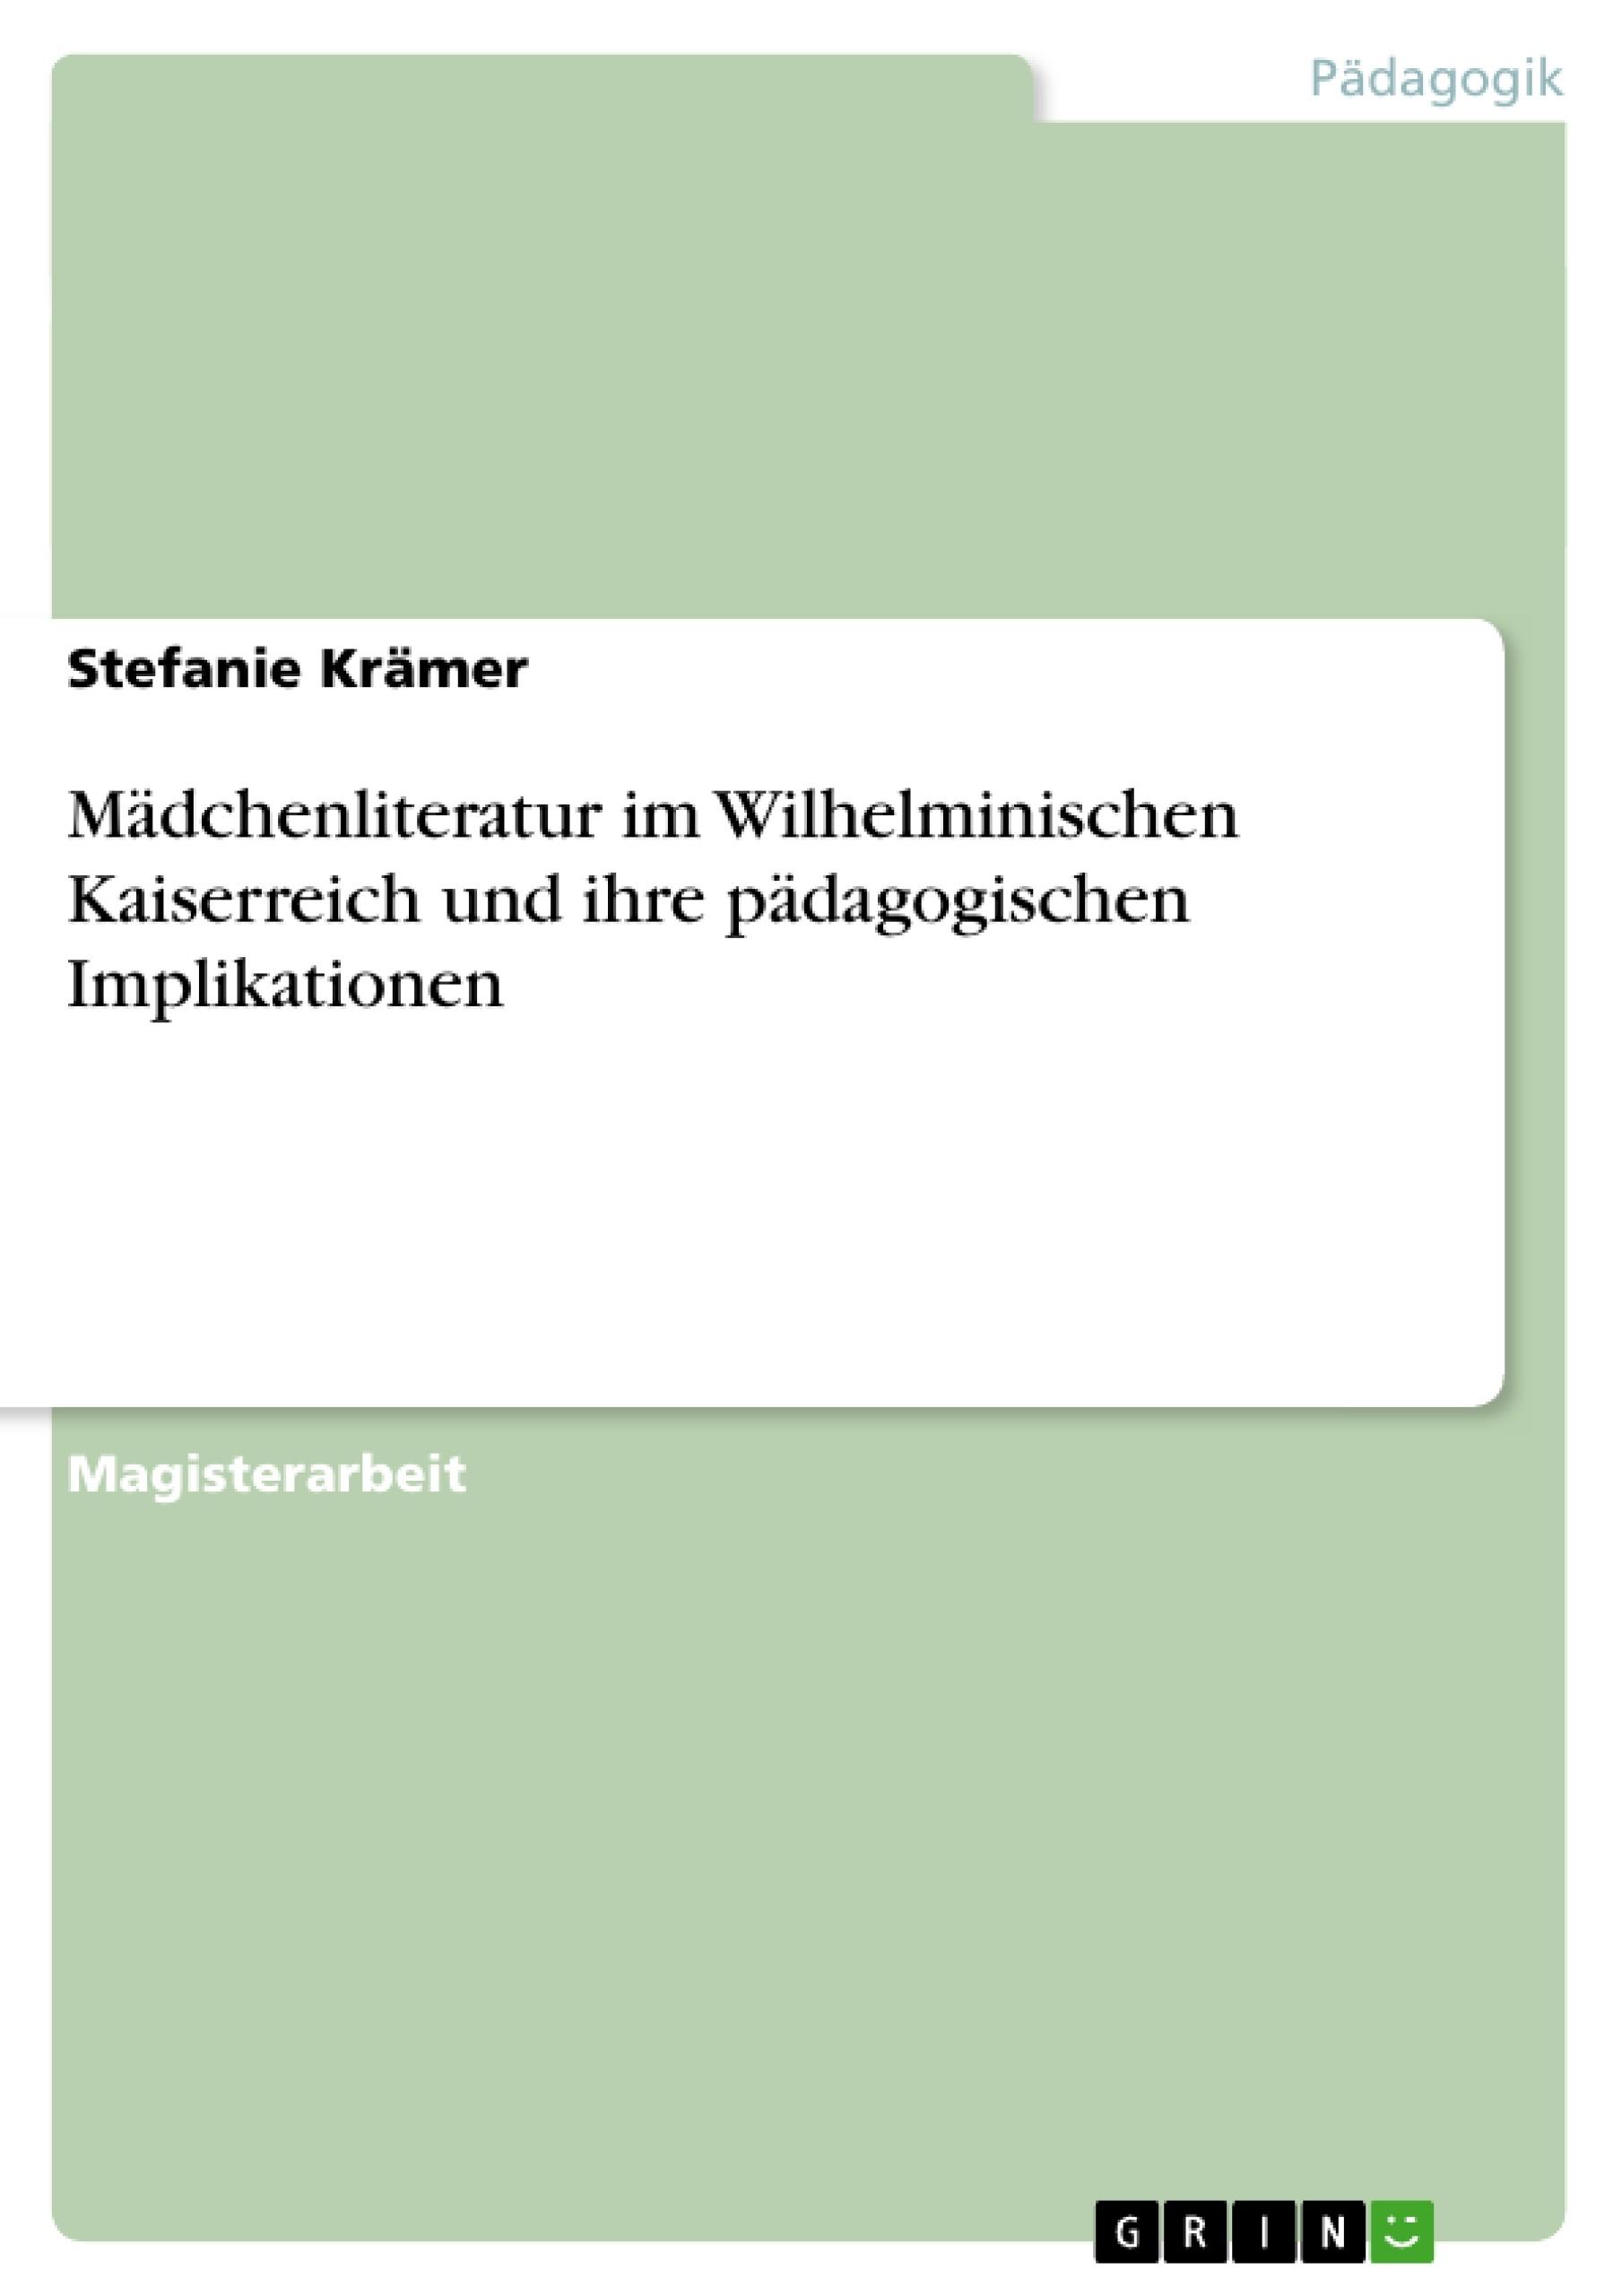 Titel: Mädchenliteratur im Wilhelminischen Kaiserreich und ihre pädagogischen Implikationen